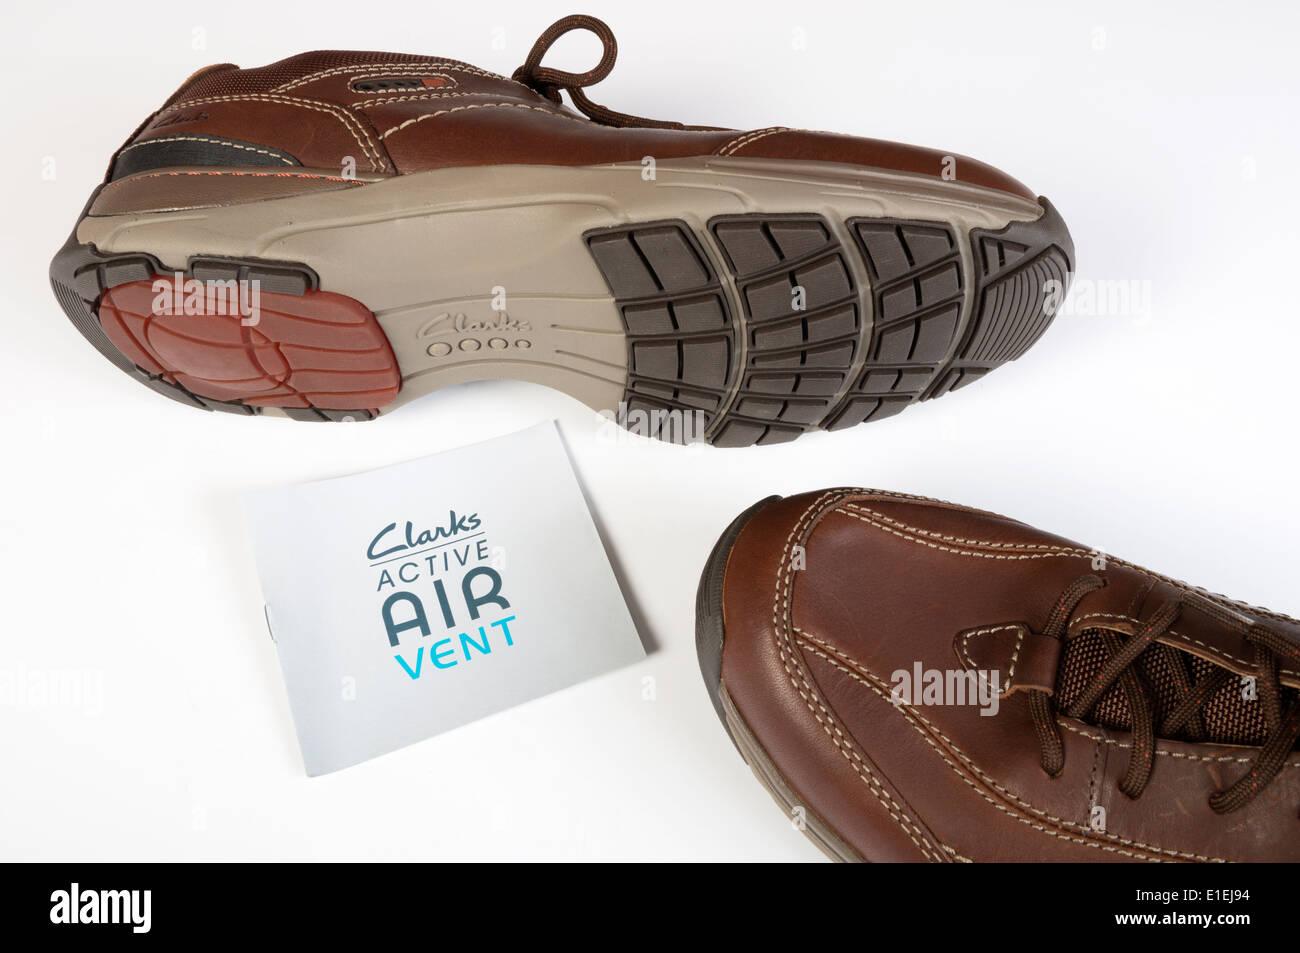 Clarks active Air Vent Schuhe mit Luftpumpe ausgestattet in